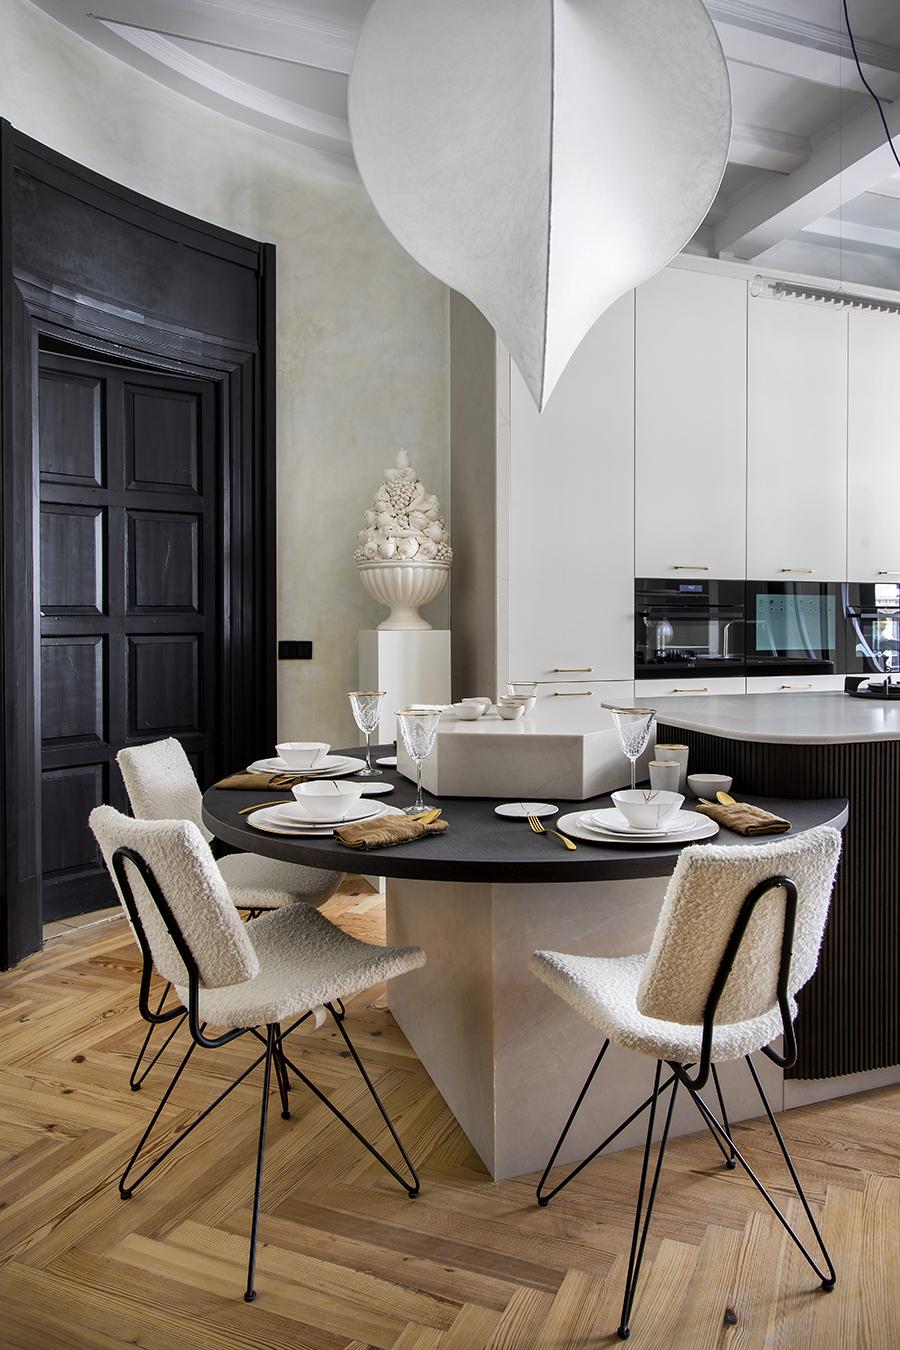 FOTO ESPACIO SIXTYPRO cocina abierta de lujo en negro y gris